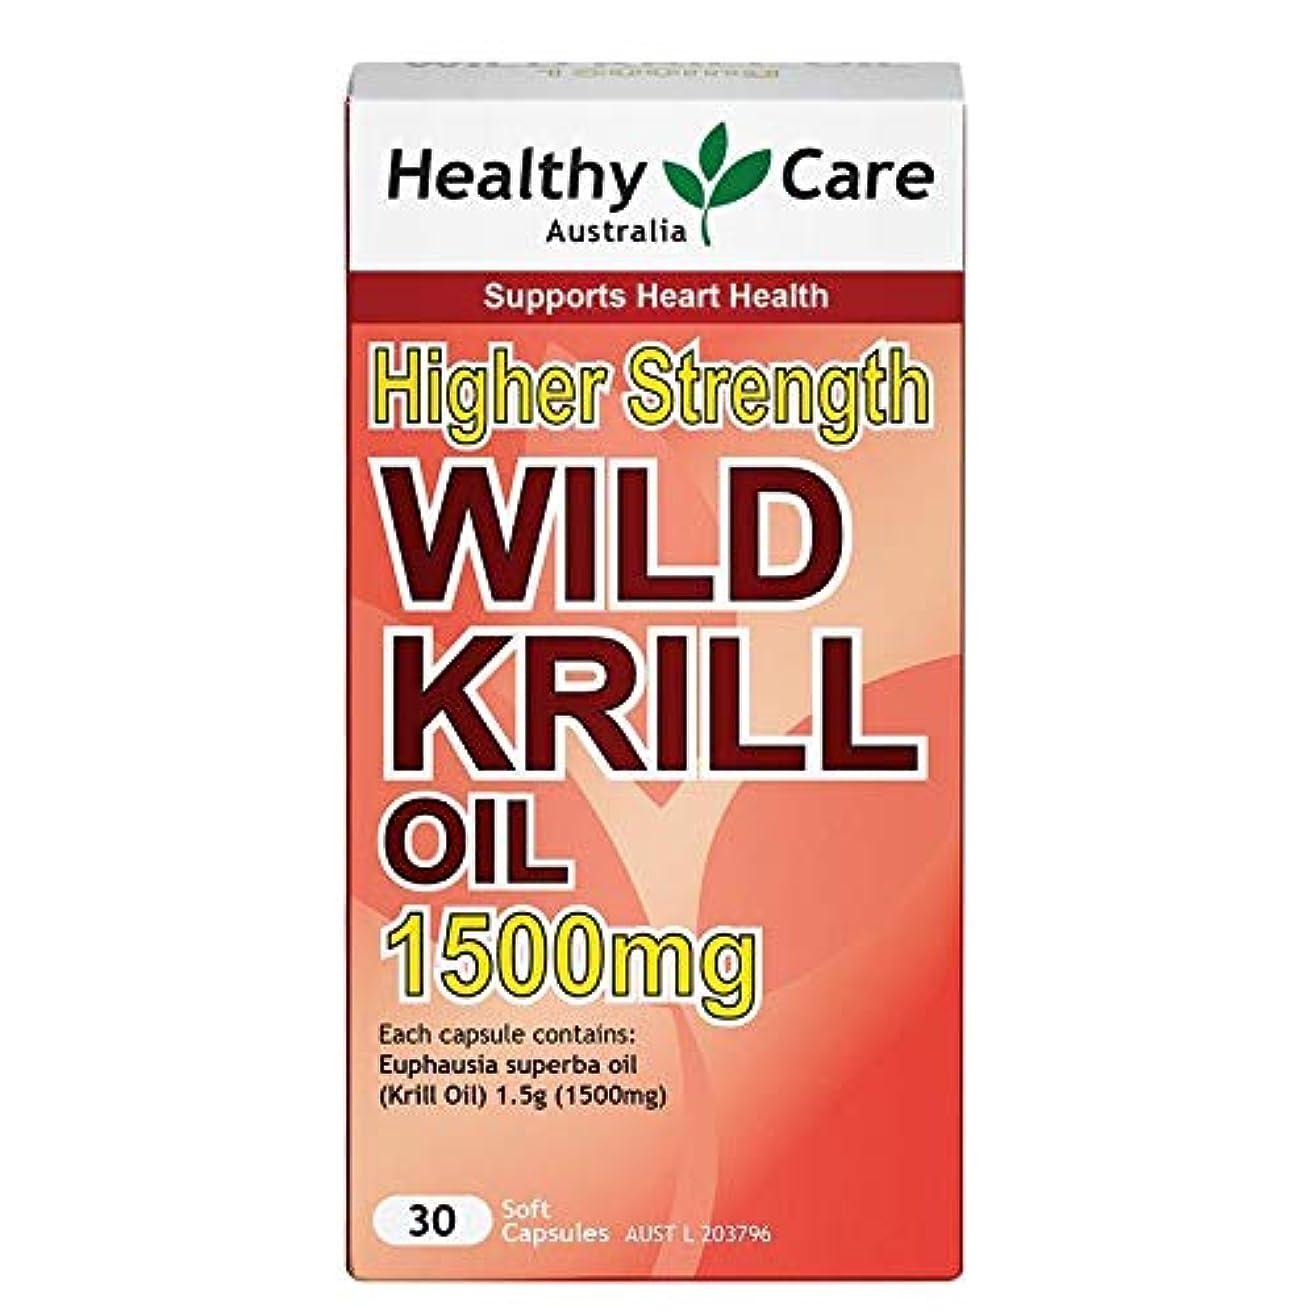 試してみる火山の出くわす[Health Care]ワイルドオキアミオイル (30cap) Wild Krill Oil 1500mg [海外直送品]